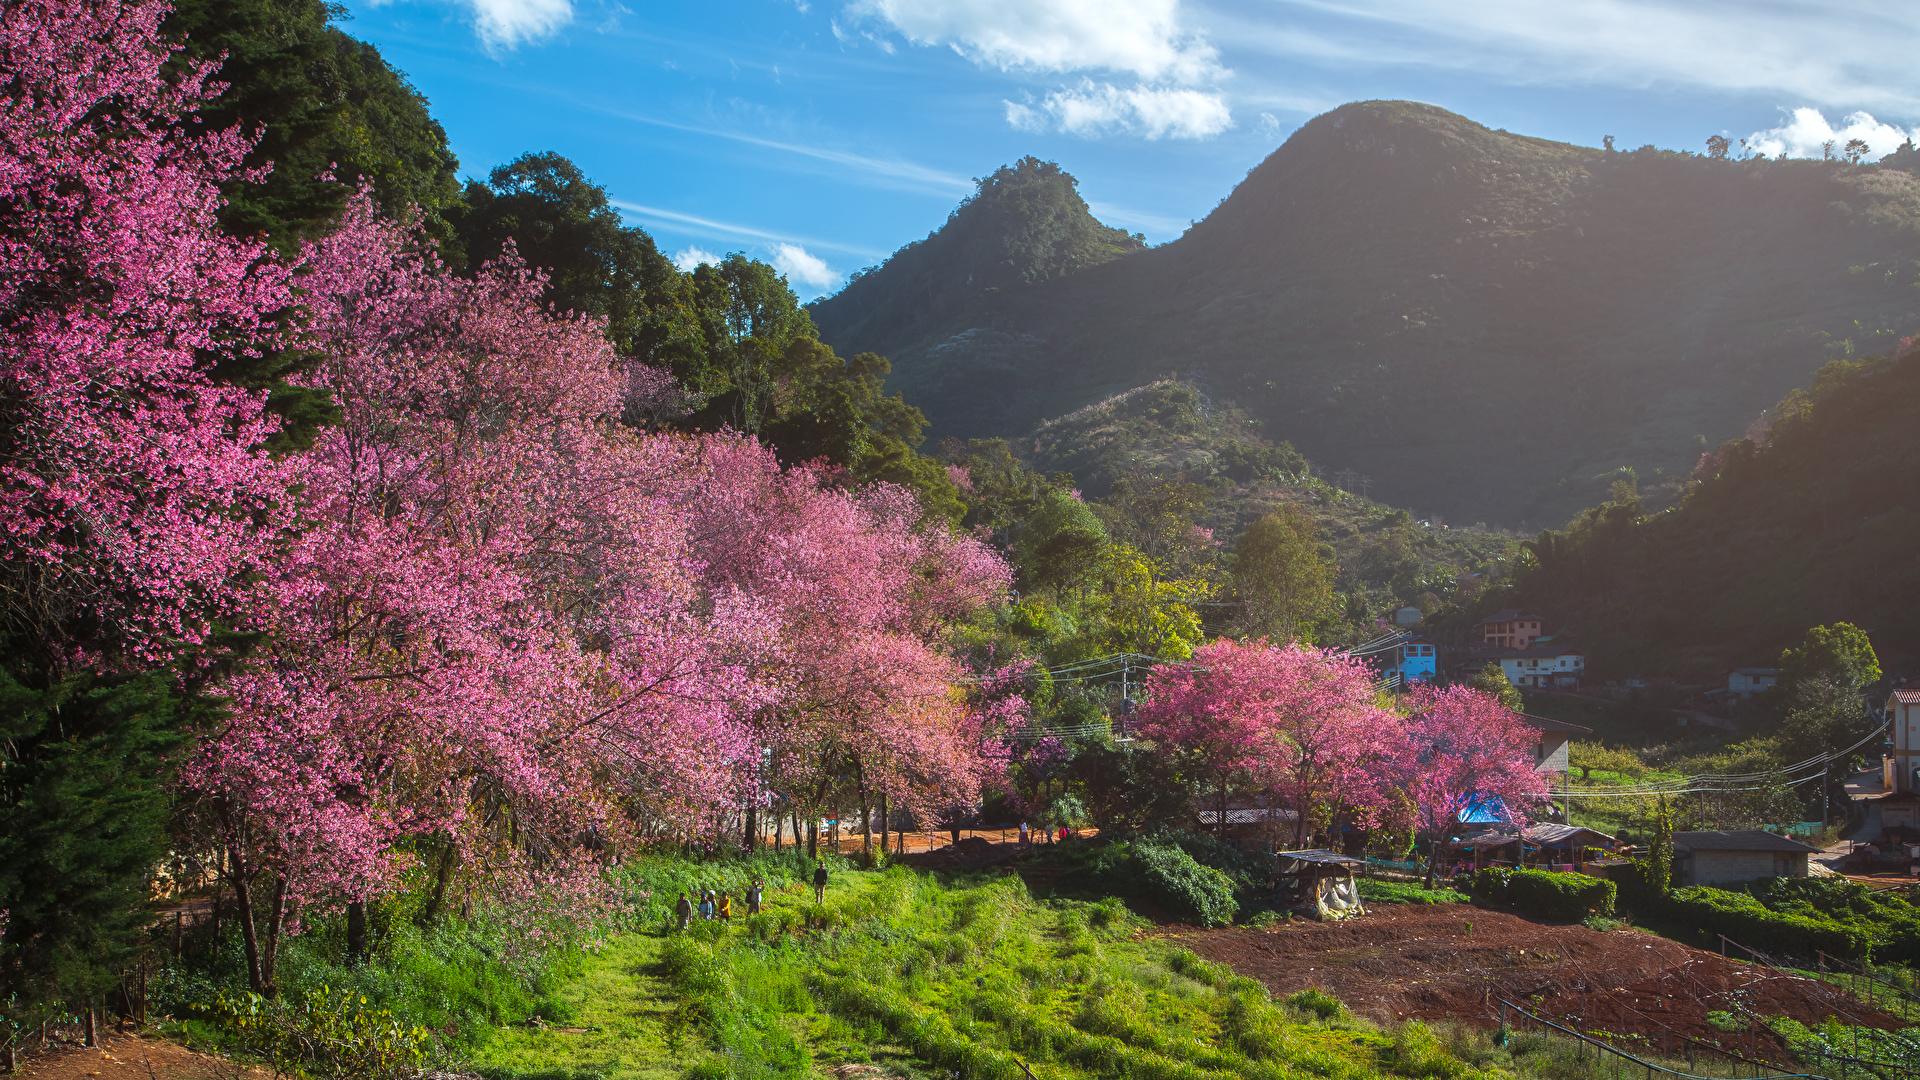 Картинка Таиланд Fang City Горы Природа весенние Поля Цветущие деревья 1920x1080 гора Весна